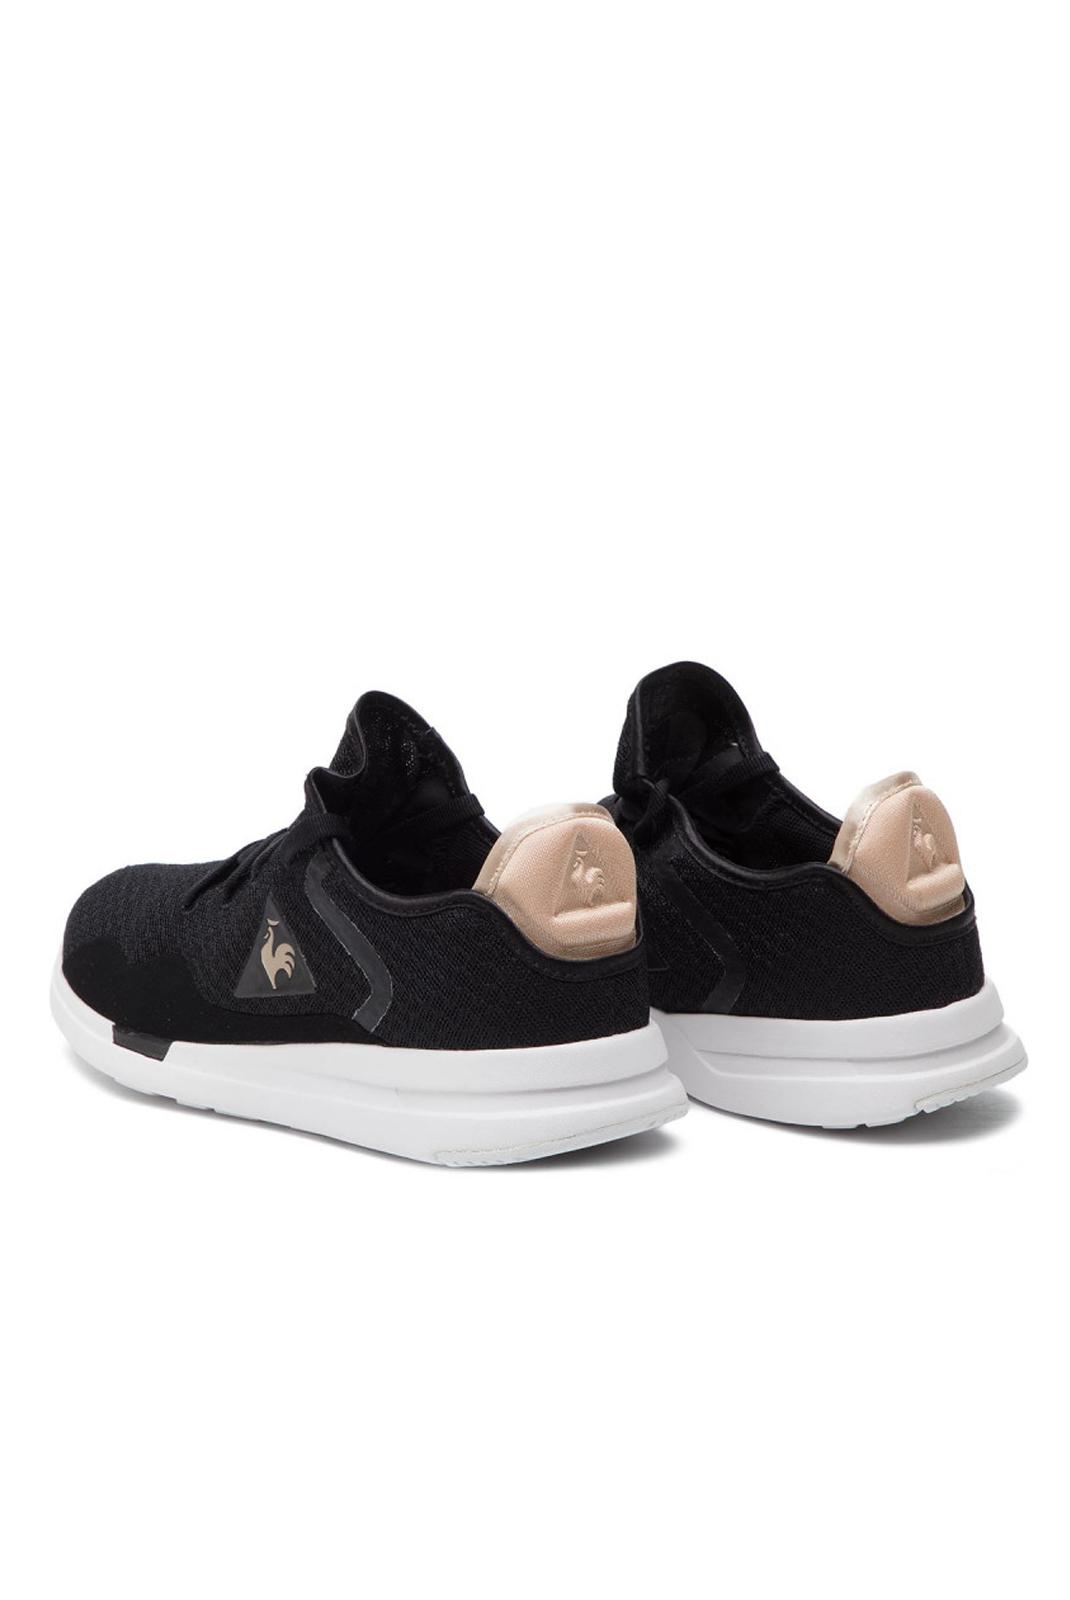 Baskets / Sneakers  Le coq sportif 1910487 SOLAS W SHINY BLACK / ROSE GOLD